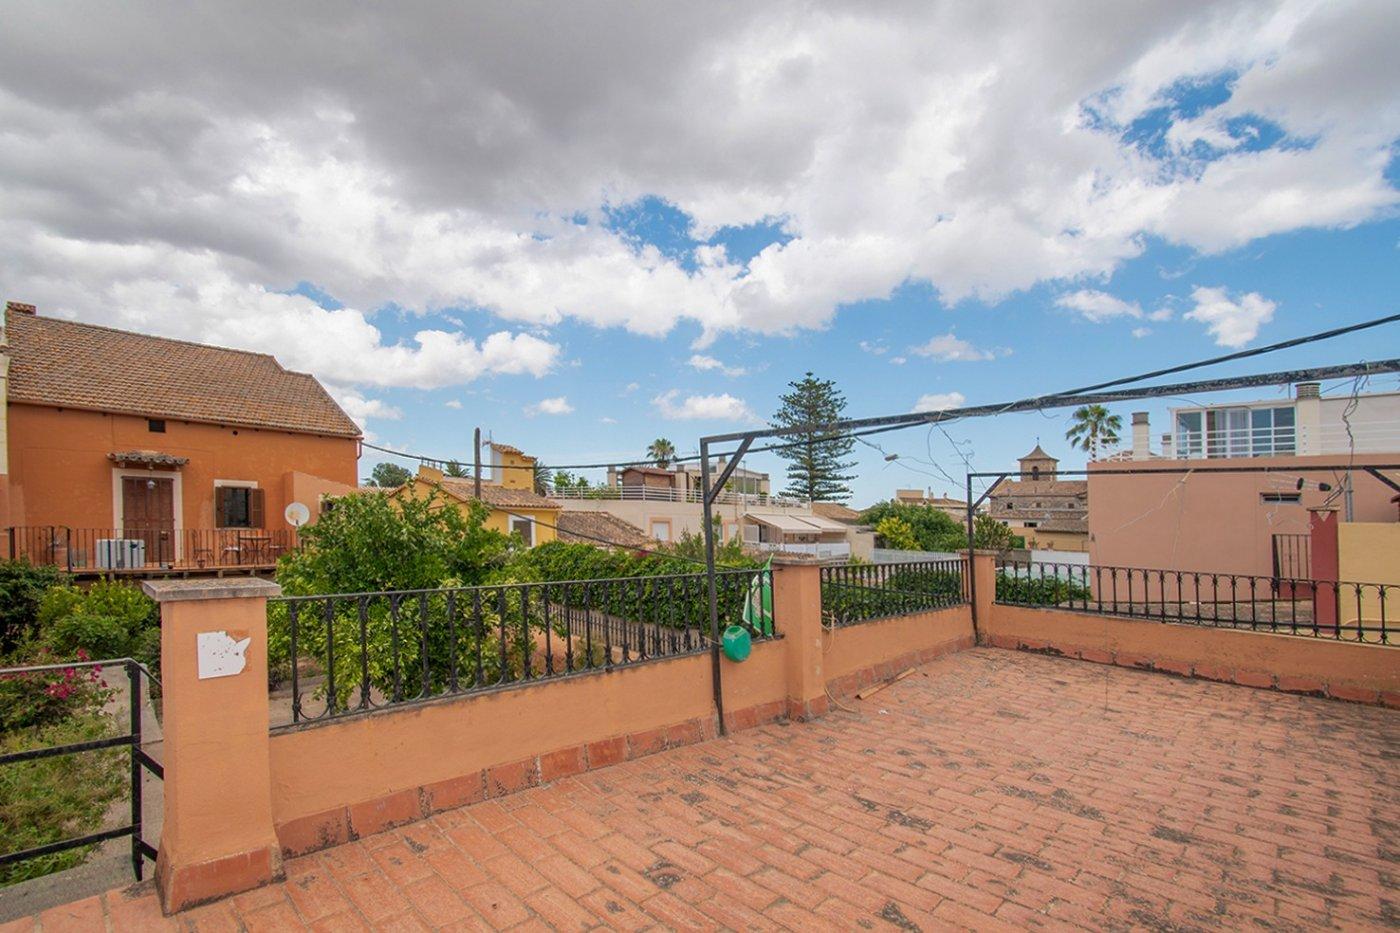 Casa unifamilair con garaje, jardÍn y terraza en la vileta. - imagenInmueble30